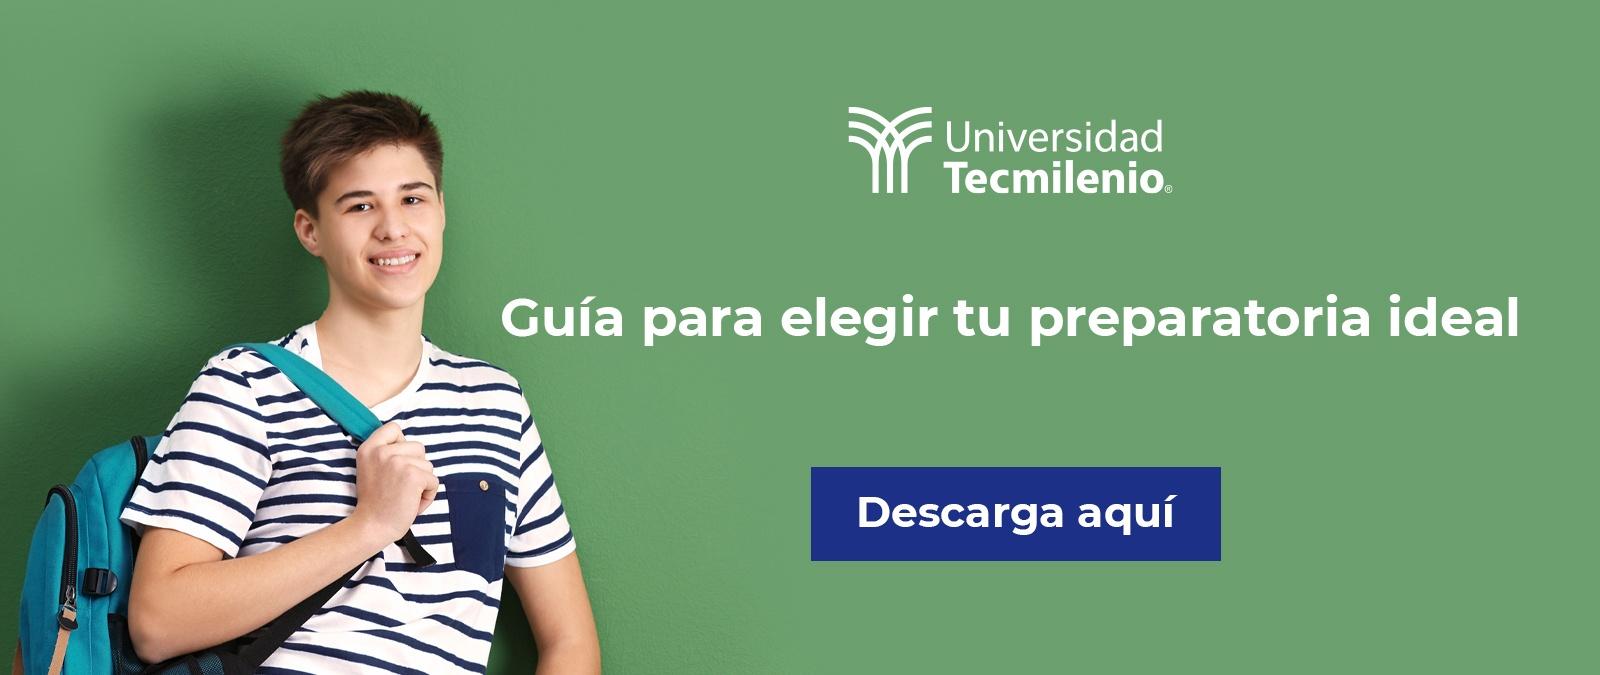 preparatoria_ideal